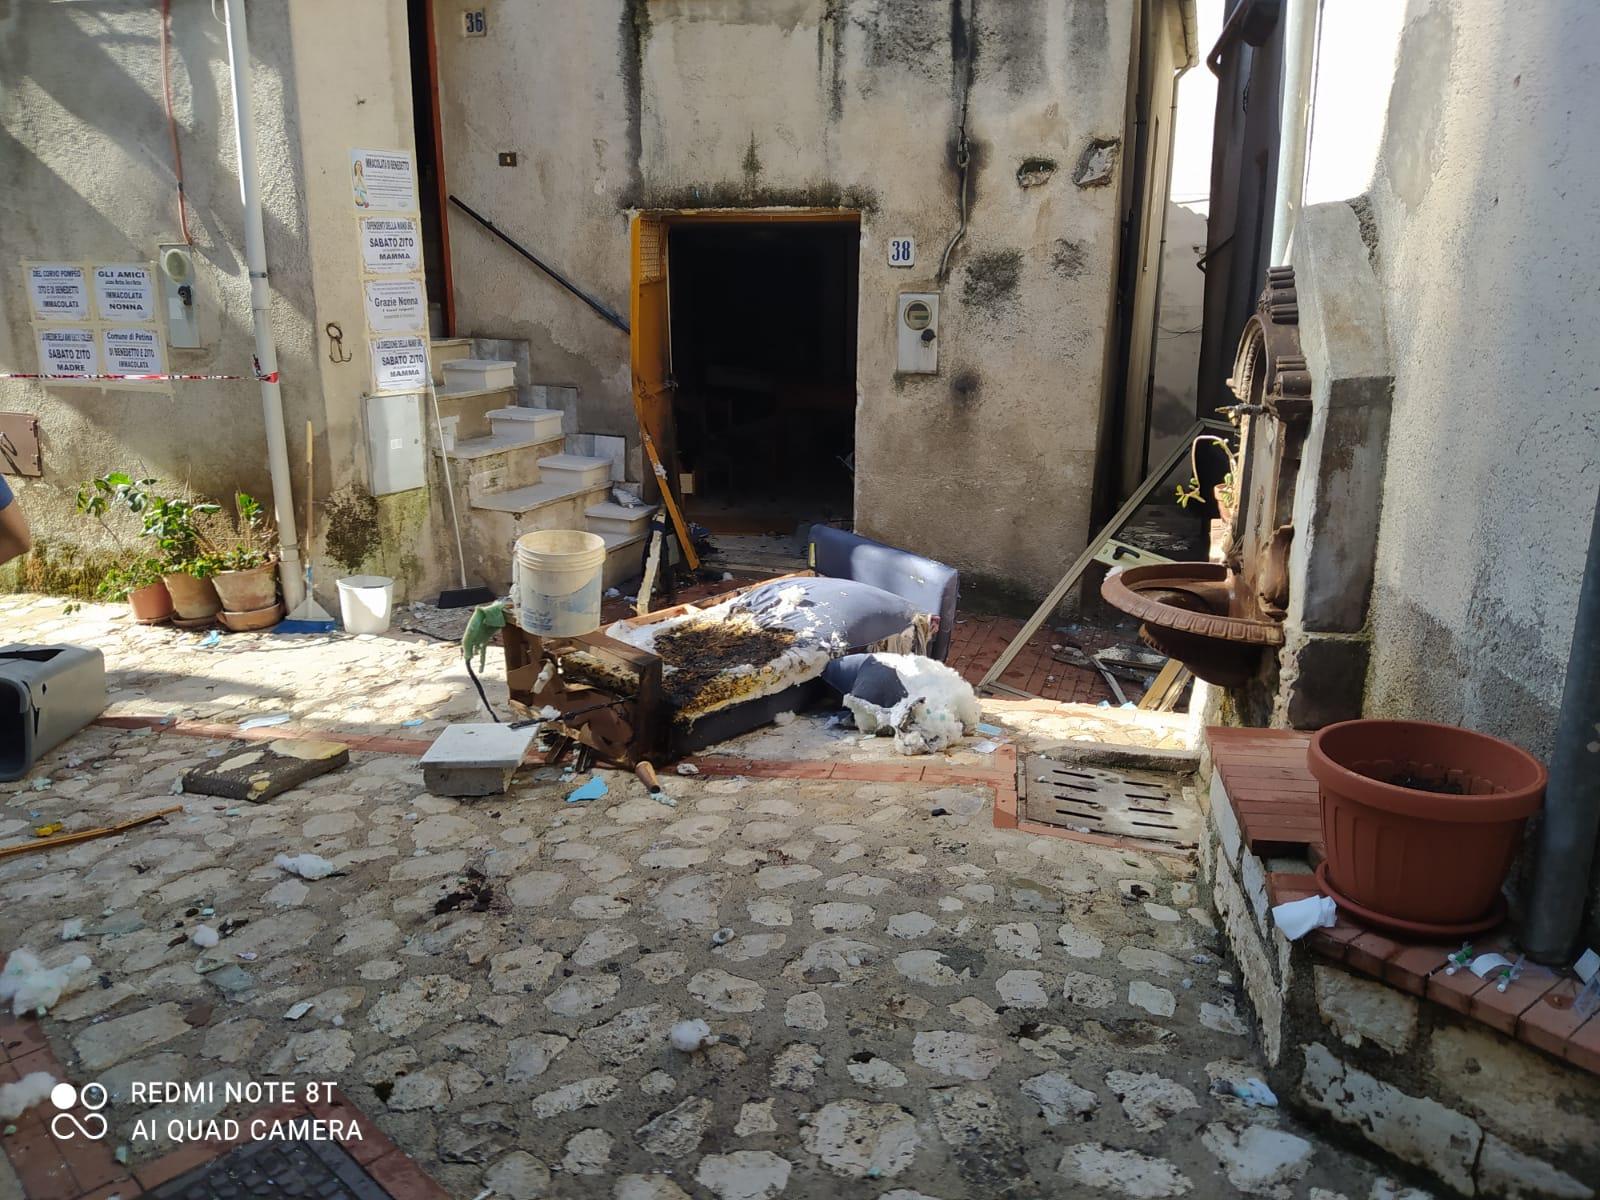 Petina, esplosione bombola gas: morto 51enne ricoverato